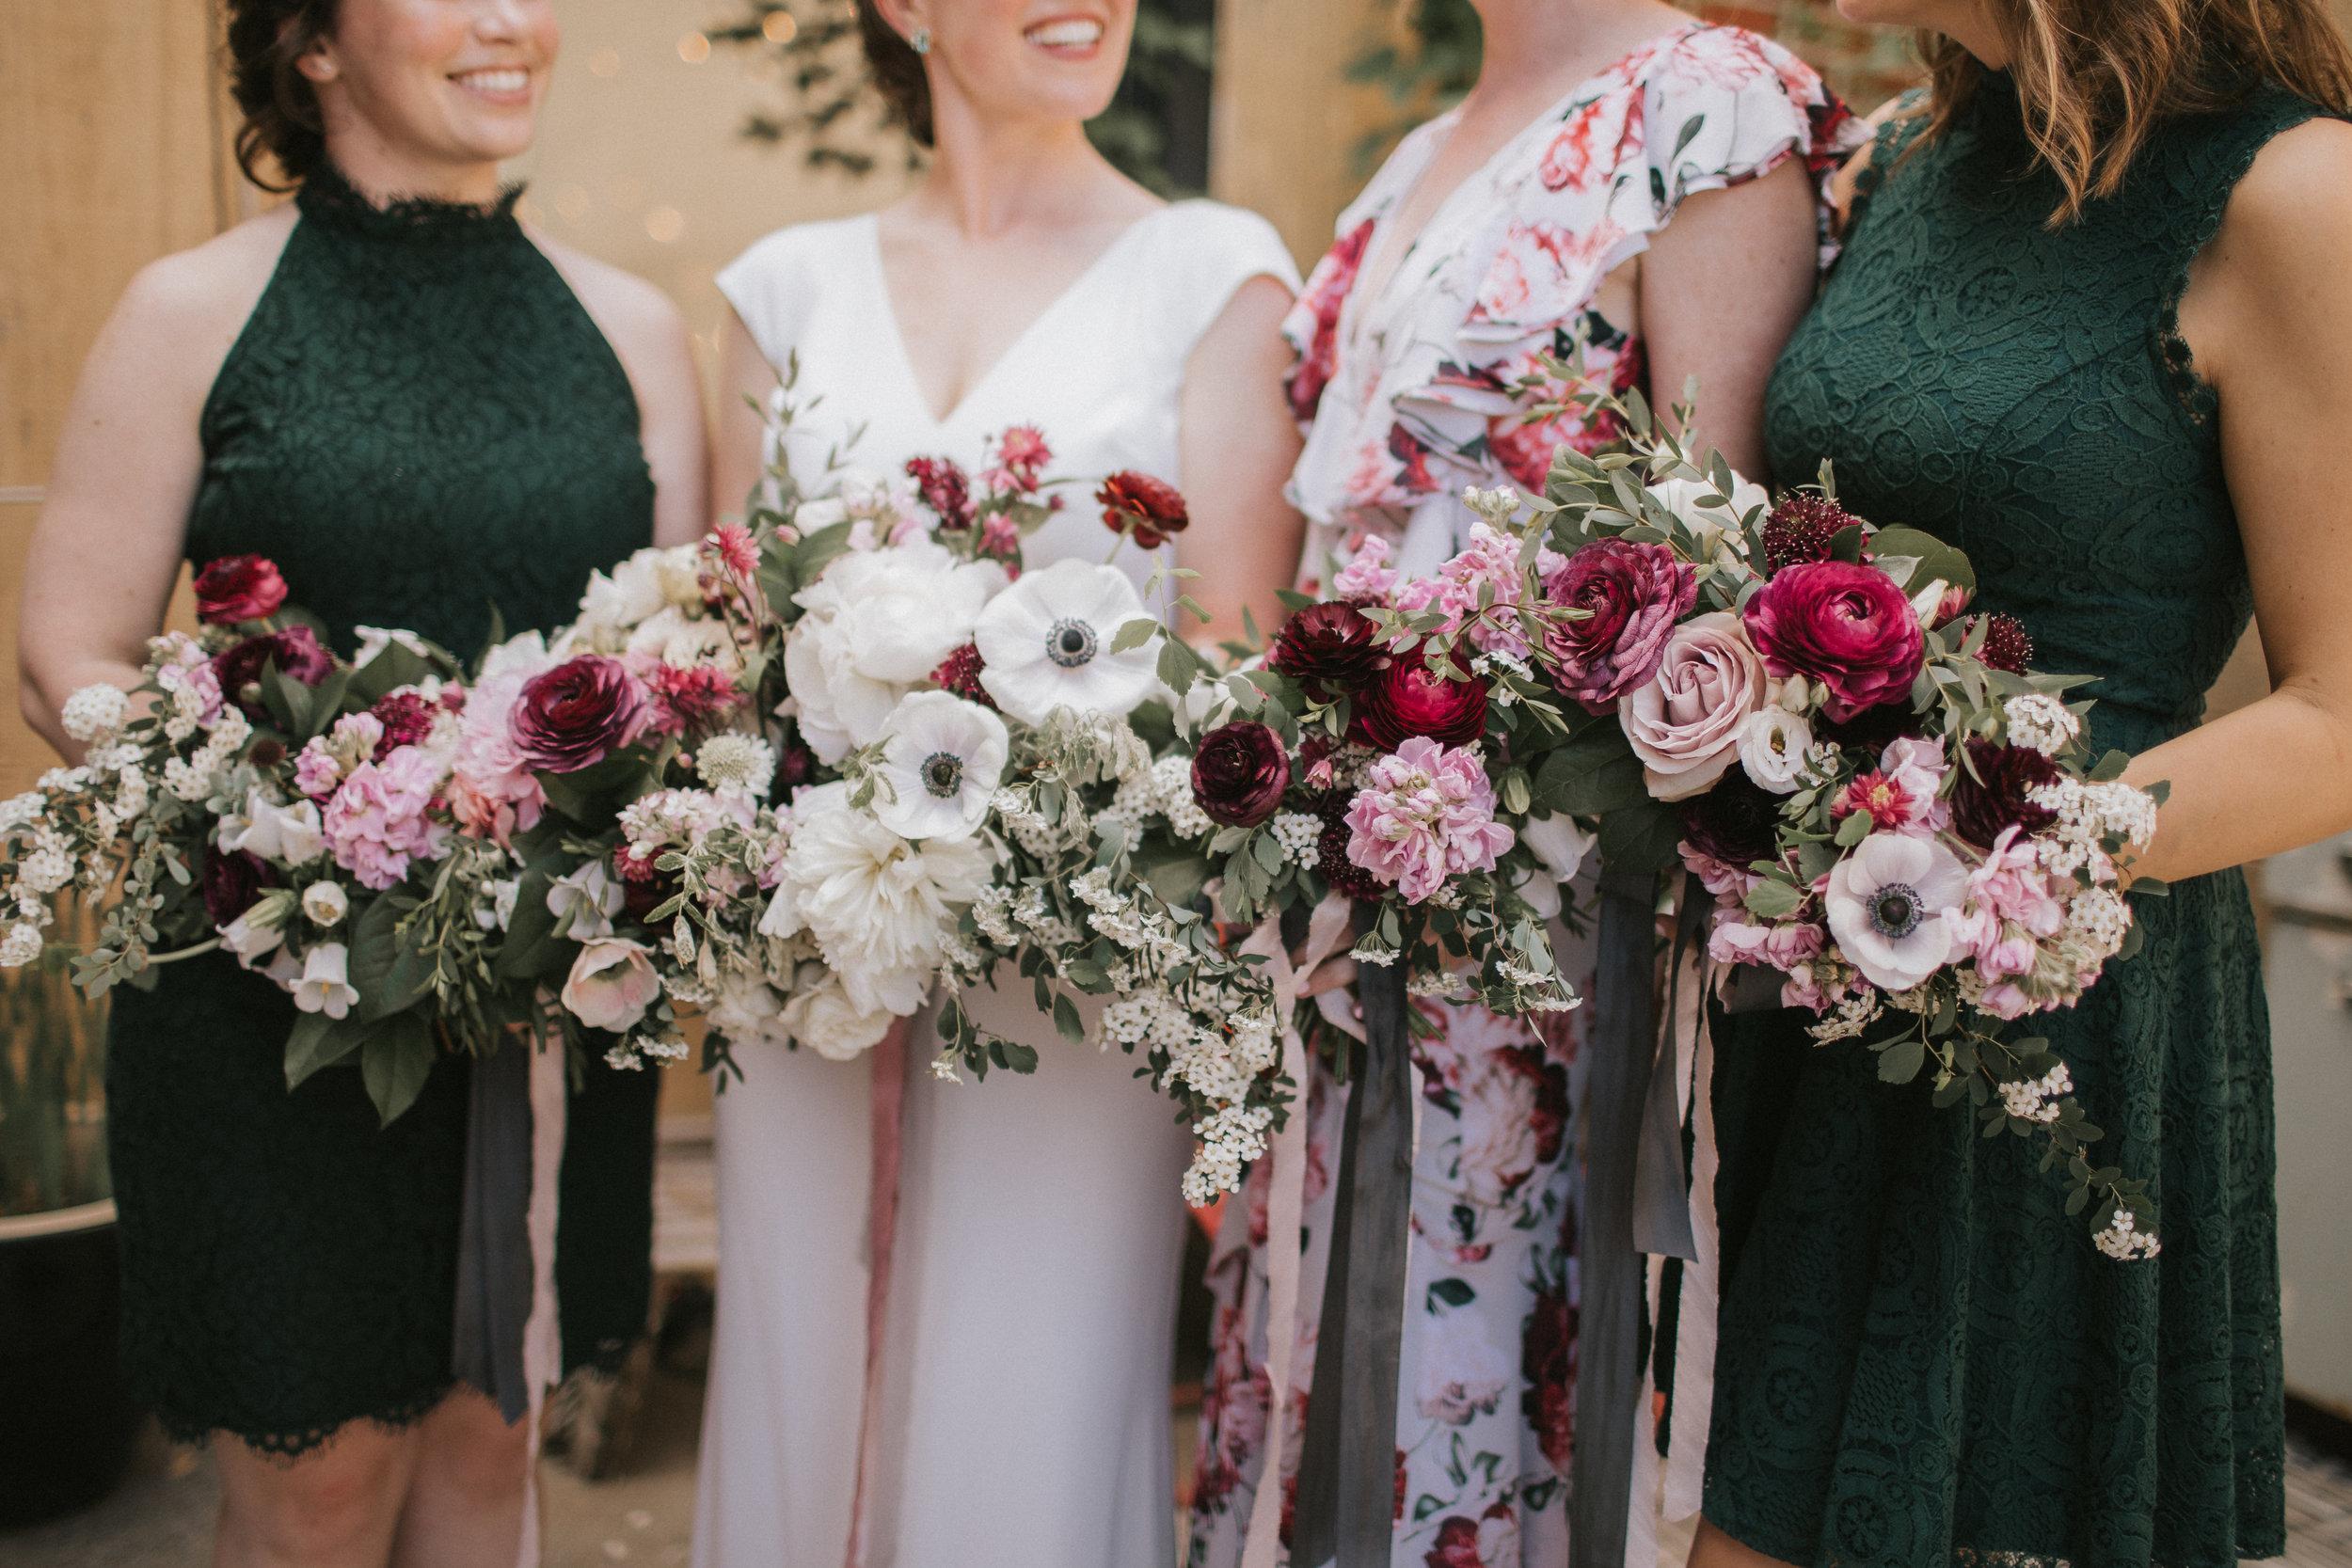 Watershed_Floral_Maine_Wedding_Florist_205.jpg